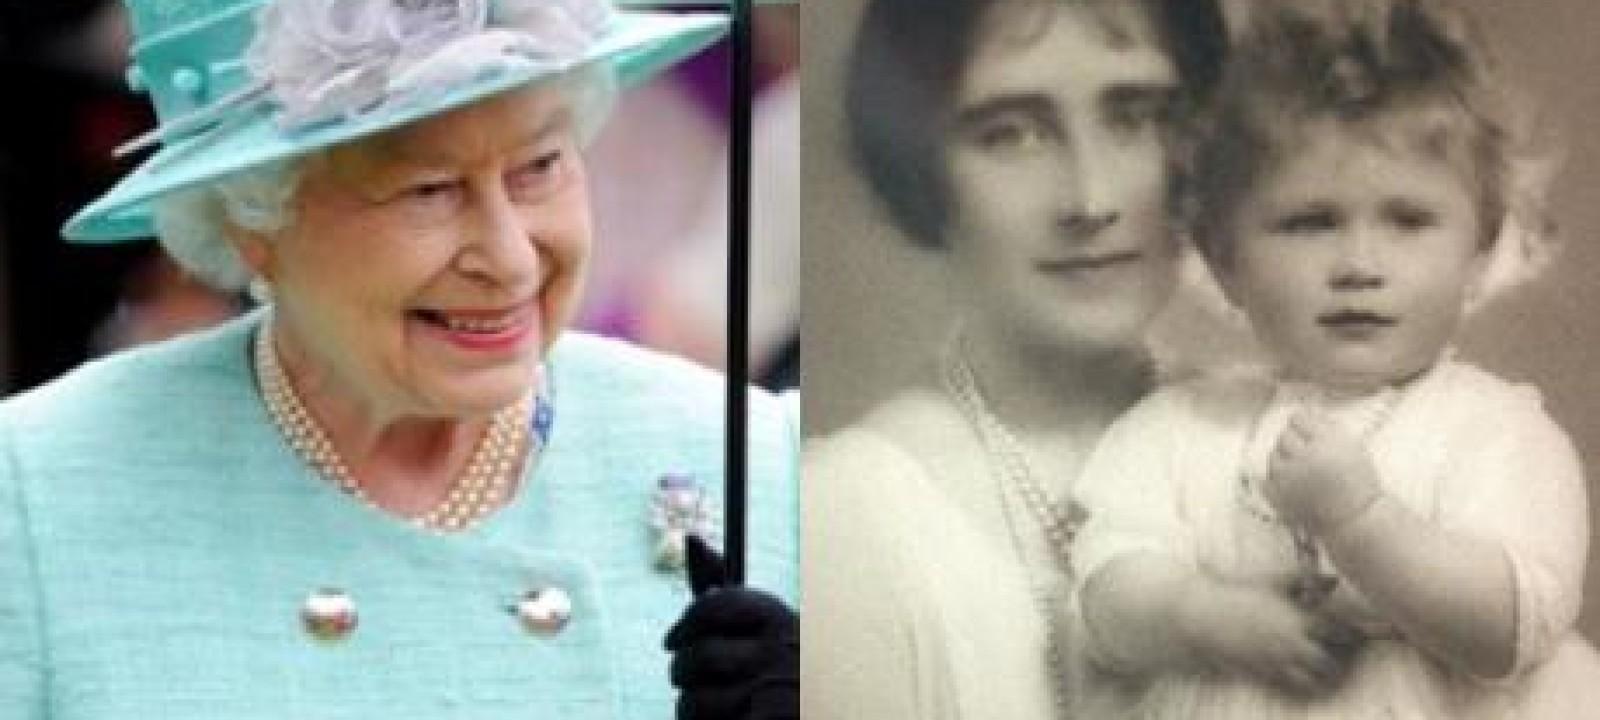 Queen Elizabeth, Then and Now